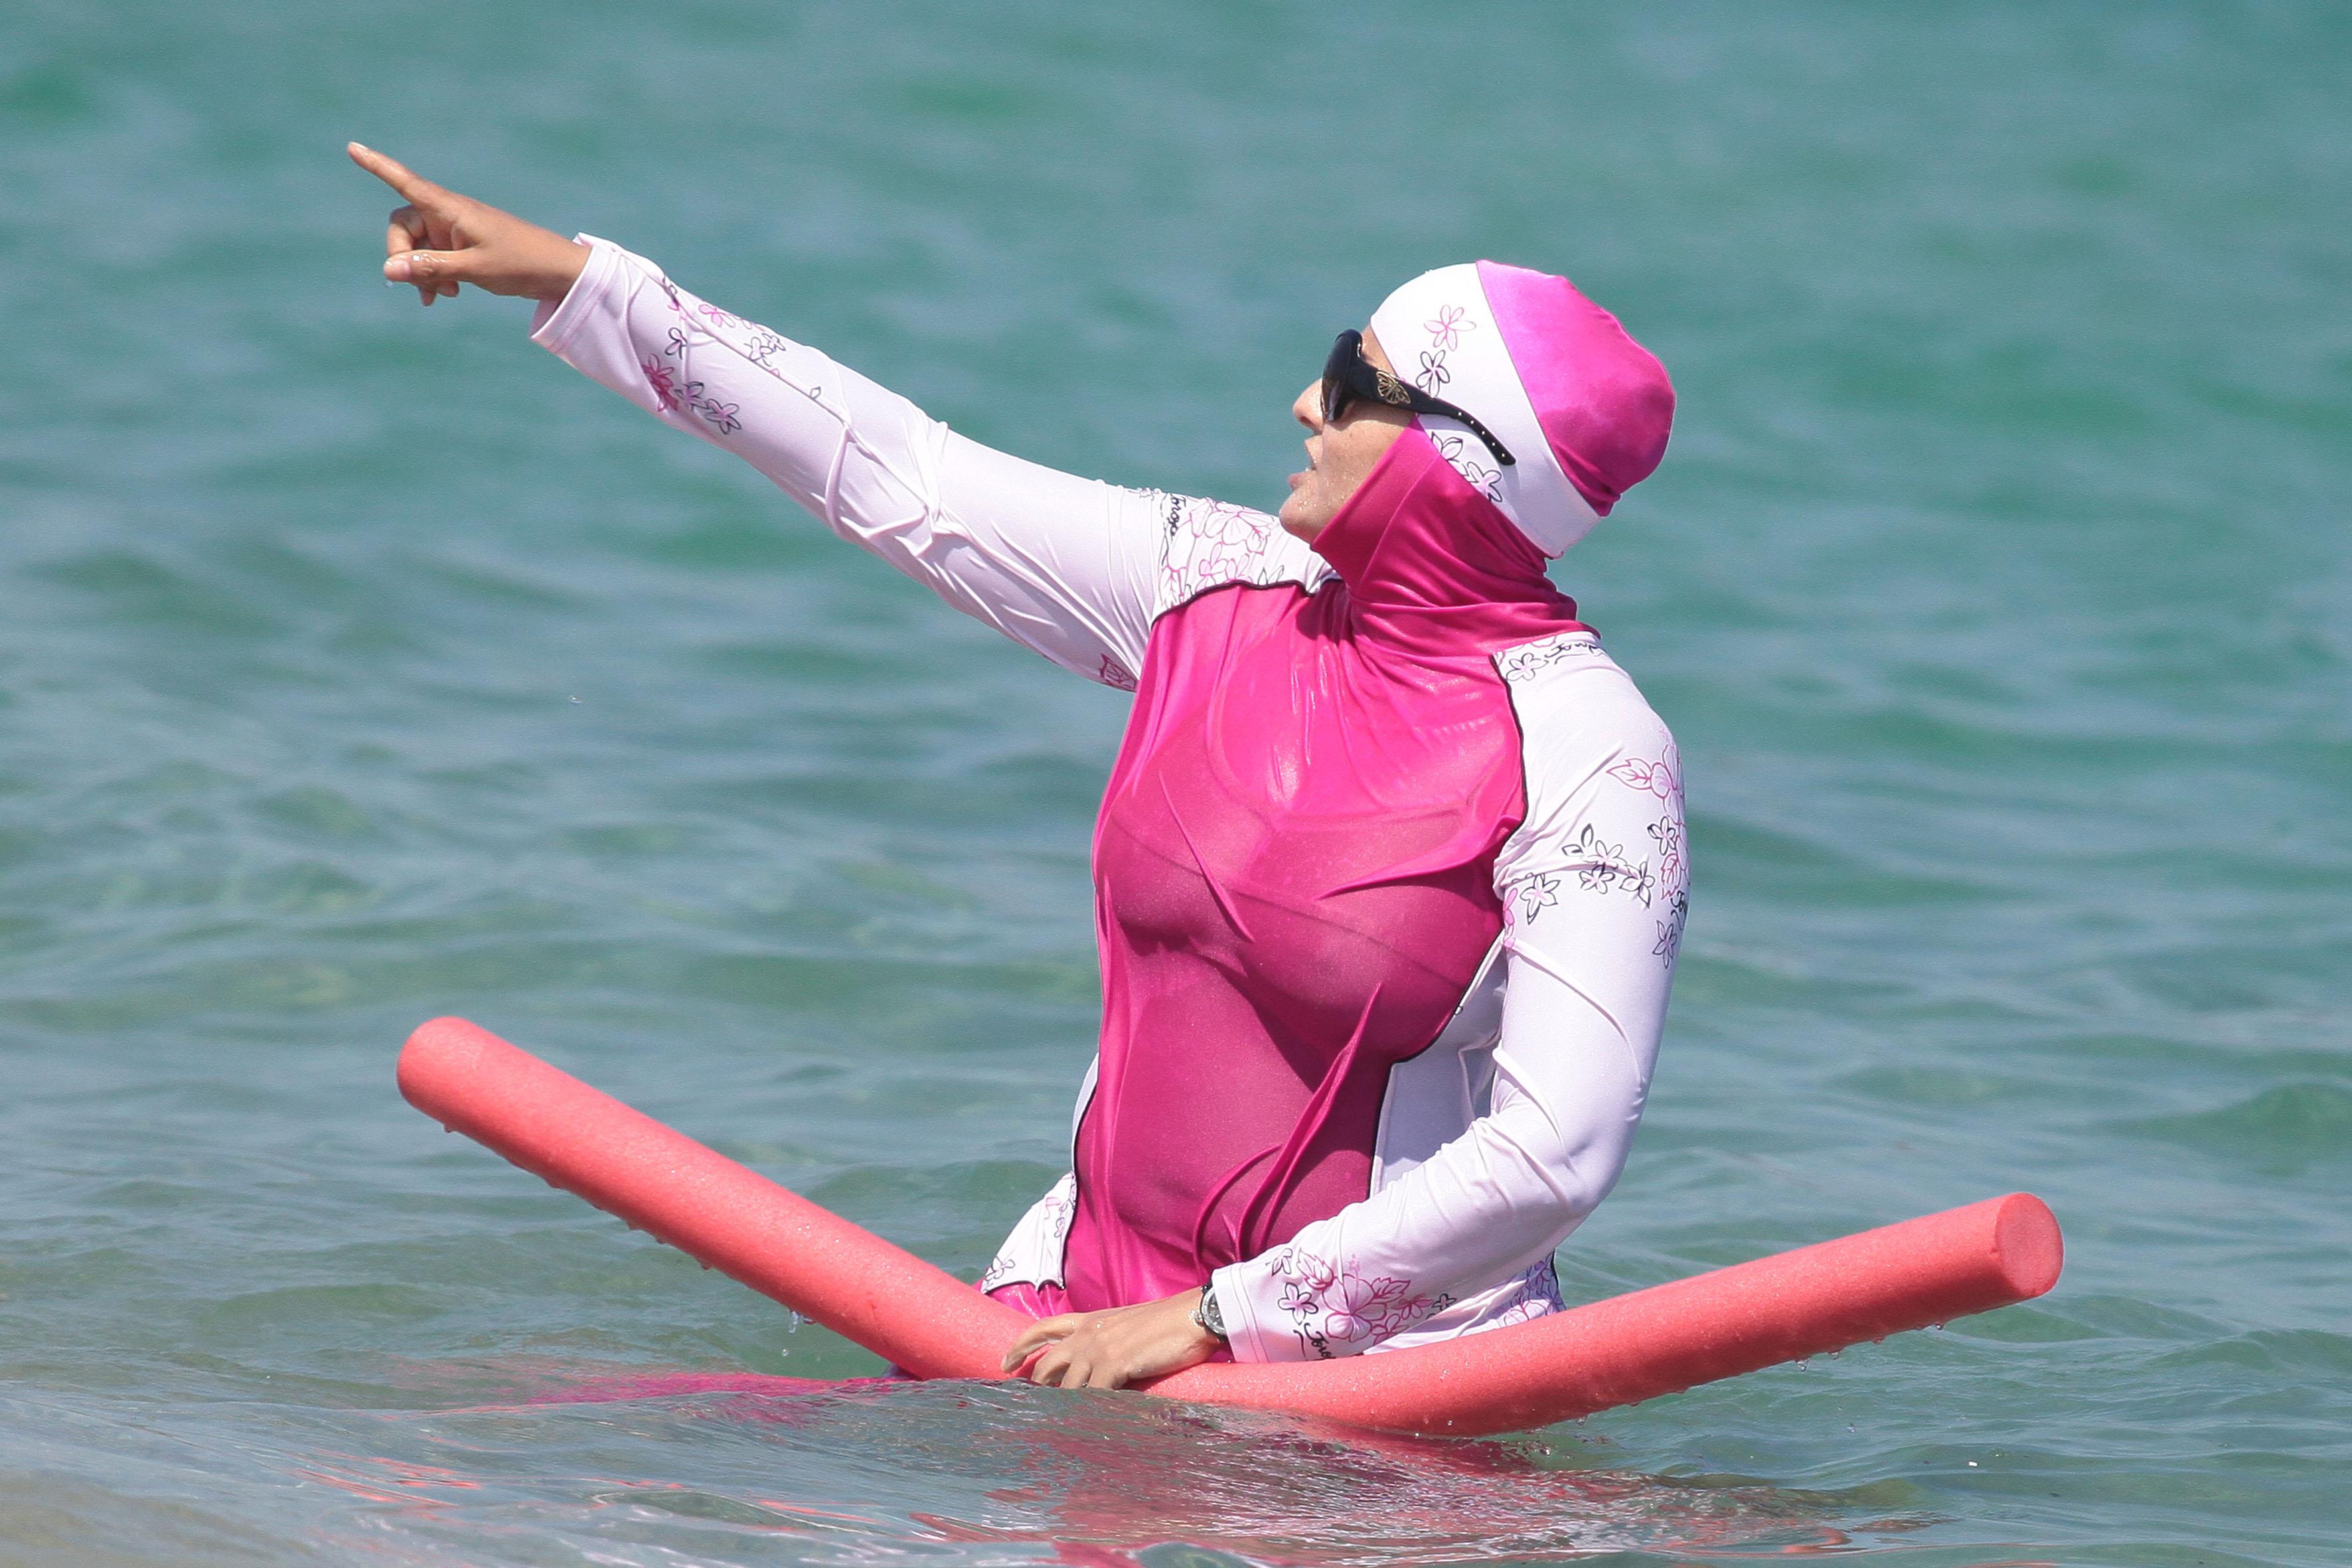 5. Ada burqini yang terlihat seperti baju lari dan sangat berat saat basah.